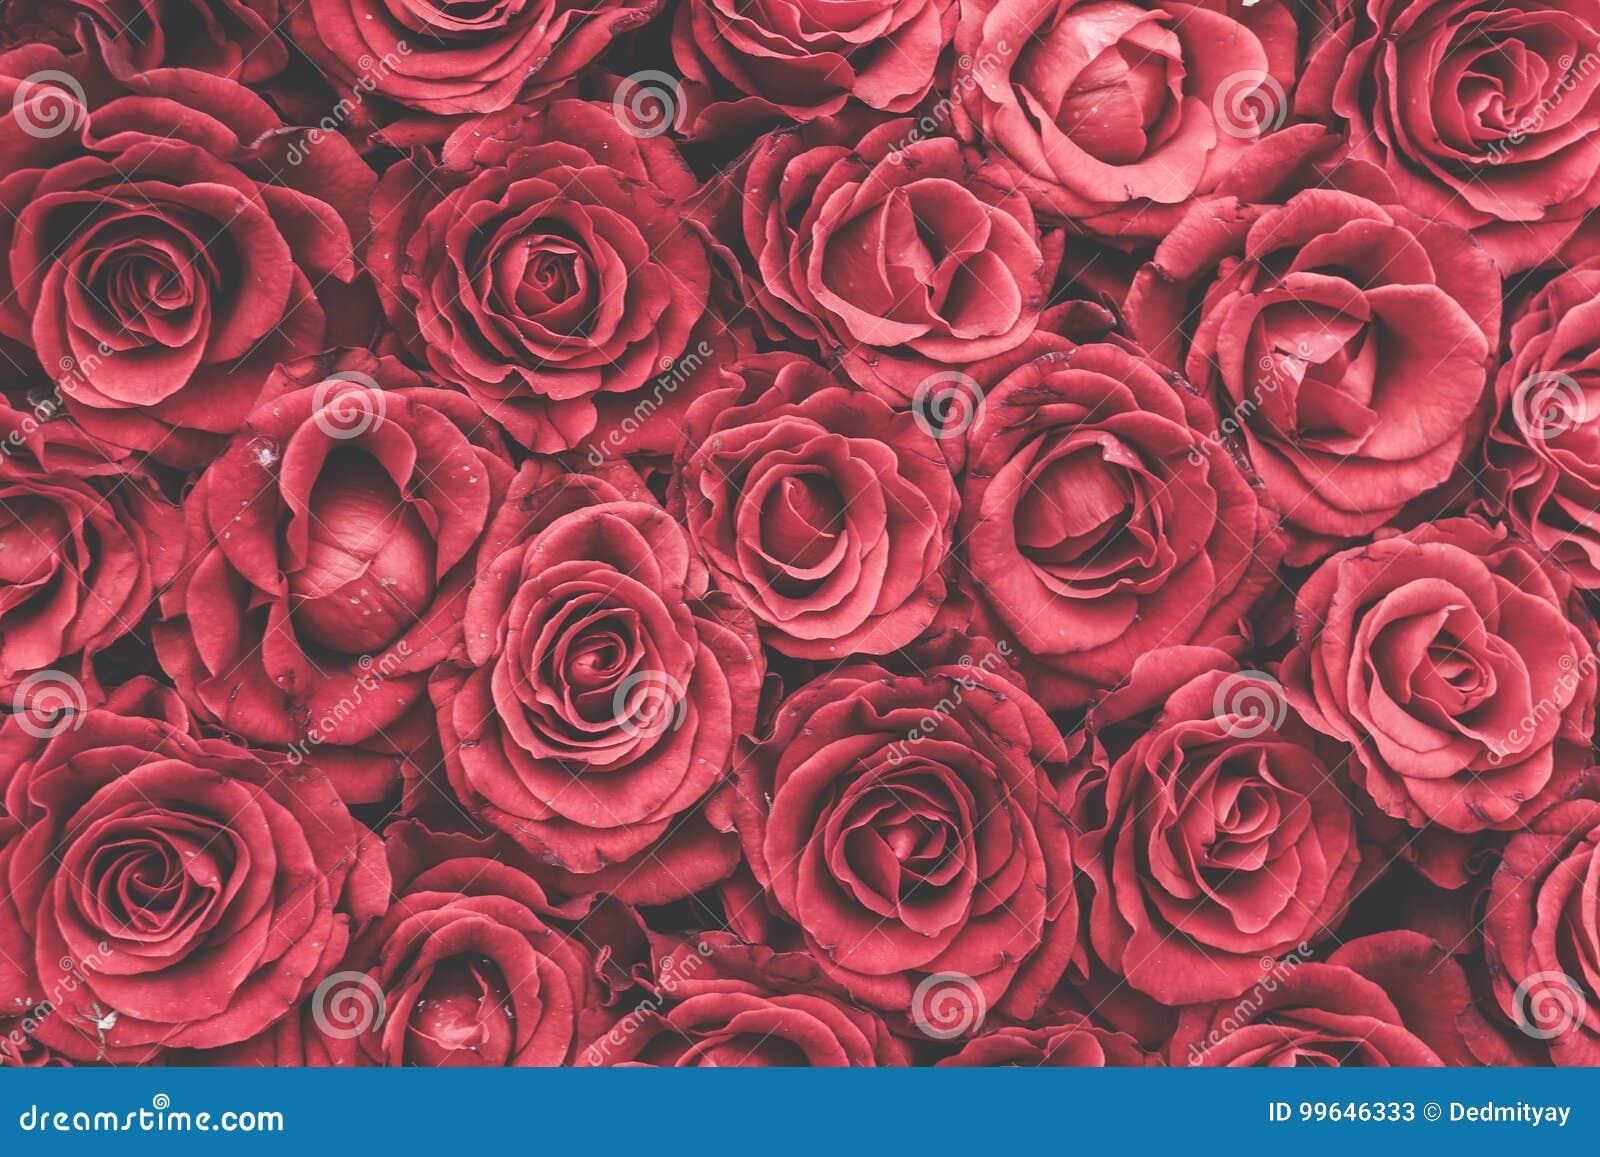 Rosas Vermelhas Fundo Ou Papel De Parede Imagem De Stock